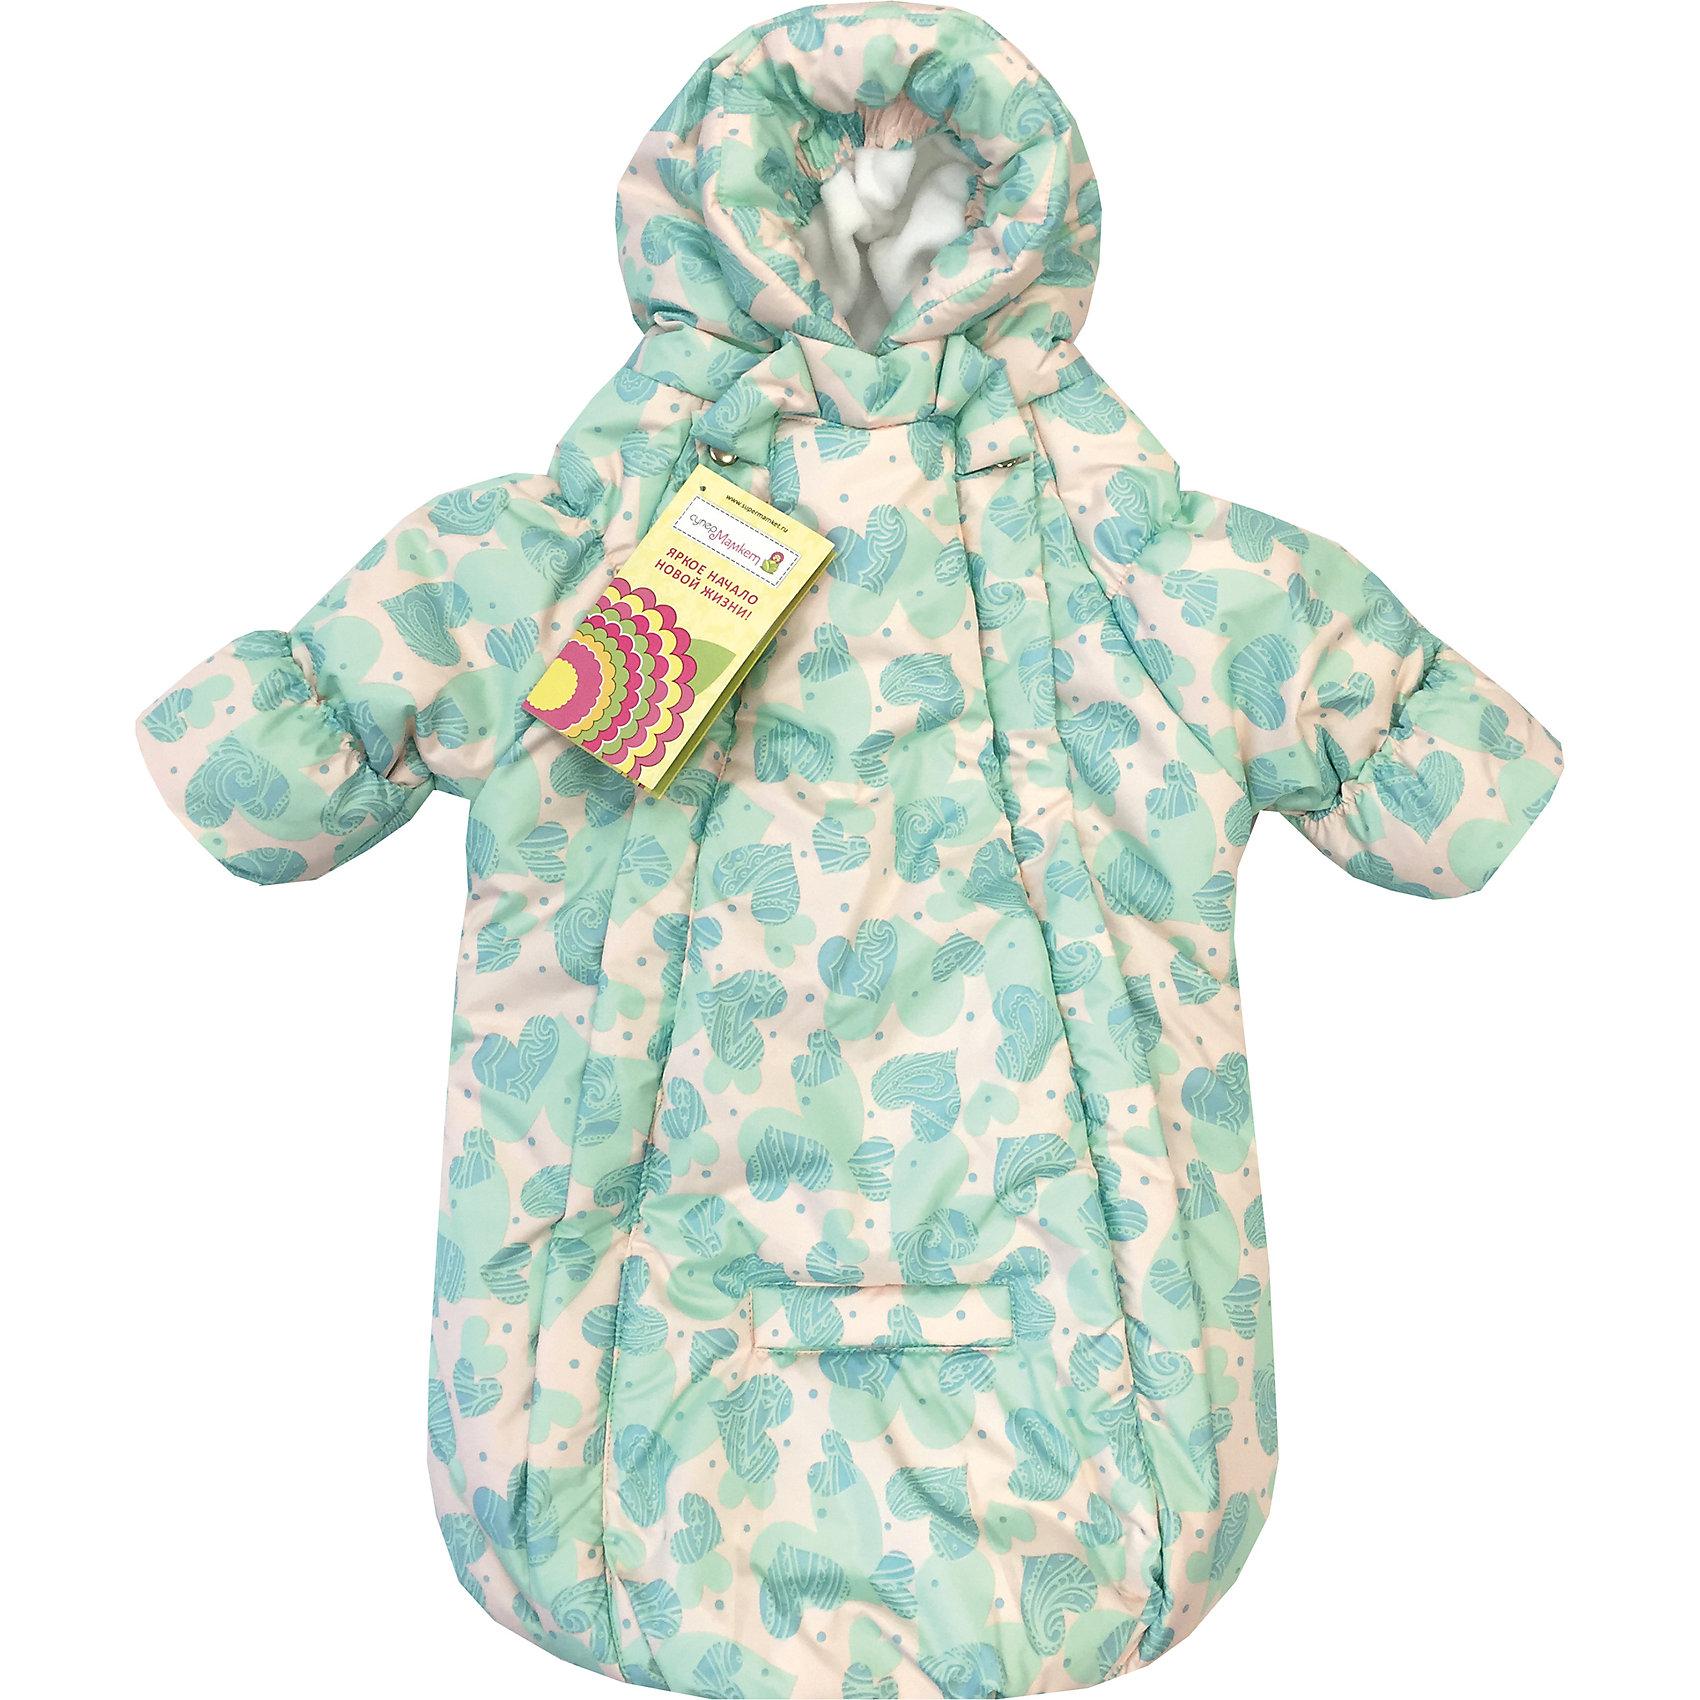 Конверт-комбинезон с ручками Сердца, флис, СуперМаМкет, бирюзовыйХарактеристики:<br><br>• Вид детской одежды: верхняя<br>• Предназначение: для прогулок, на выписку<br>• Возраст: от 0 до 6 месяцев<br>• Сезон: демисезонный<br>• Степень утепления: средняя<br>• Температурный режим: от +10? С до -7? С<br>• Пол: универсальный<br>• Тематика рисунка: сердечки<br>• Цвет: оттенки бирюзового, молочный<br>• Материал: верх – мембрана (плащевка), утеплитель – 150 г. синтепона, подклад – флис<br>• Форма конверта: комбинезон-конверт<br>• По бокам имеются застежки-молнии<br>• Застежка на кнопках у горловины<br>• На комбинезоне предусмотрены прорези как для 3-х точечных, так и для 5-ти точечных ремней безопасности<br>• У рукавов предусмотрены манжеты-отвороты<br>• Капюшон с регулировкой по овалу лица<br>• Размеры (Ш*Д): 45*75 см, длина от плеча до низа 56 см<br>• Вес: 650 г <br>• Особенности ухода: допускается деликатная стирка без использования красящих и отбеливающих средств<br><br>Комбинезон-конверт от СуперМаМкет выполнен в форме расширенного книзу кокона, на рукавах предусмотрены отвороты для защиты детских ручек от холода, капюшон имеет регулировку по овалу лица, а у горловины имеются застежки на кнопках. Верх изделия выполнен из плащевки, которая отличается повышенными качествами износоустойчивости и обладает повышенными защитными свойствами от влаги и ветра. Изделие имеет двойное утепление: из синтепона (150 г.) и подклада, выполненного из флиса, что придает изделию дополнительные тепловые качества и мягкость. Конверт-комбинезон с ручками Сердца, флис, СуперМаМкет, бирюзовый оснащен боковыми застежками-молниями, которые расстегиваются до самого низа, что обеспечивает удобство в одевании ребенка. Комбинезон выполнен в стильном дизайне: принт из сердечек разных оттенков бирюзового цвета придает изделию особый стиль и изысканность, поэтому его можно использовать не только для прогулок, но и для выписки из роддома. <br><br>Конверт-комбинезон с ручками Сердца, флис, СуперМаМкет, б